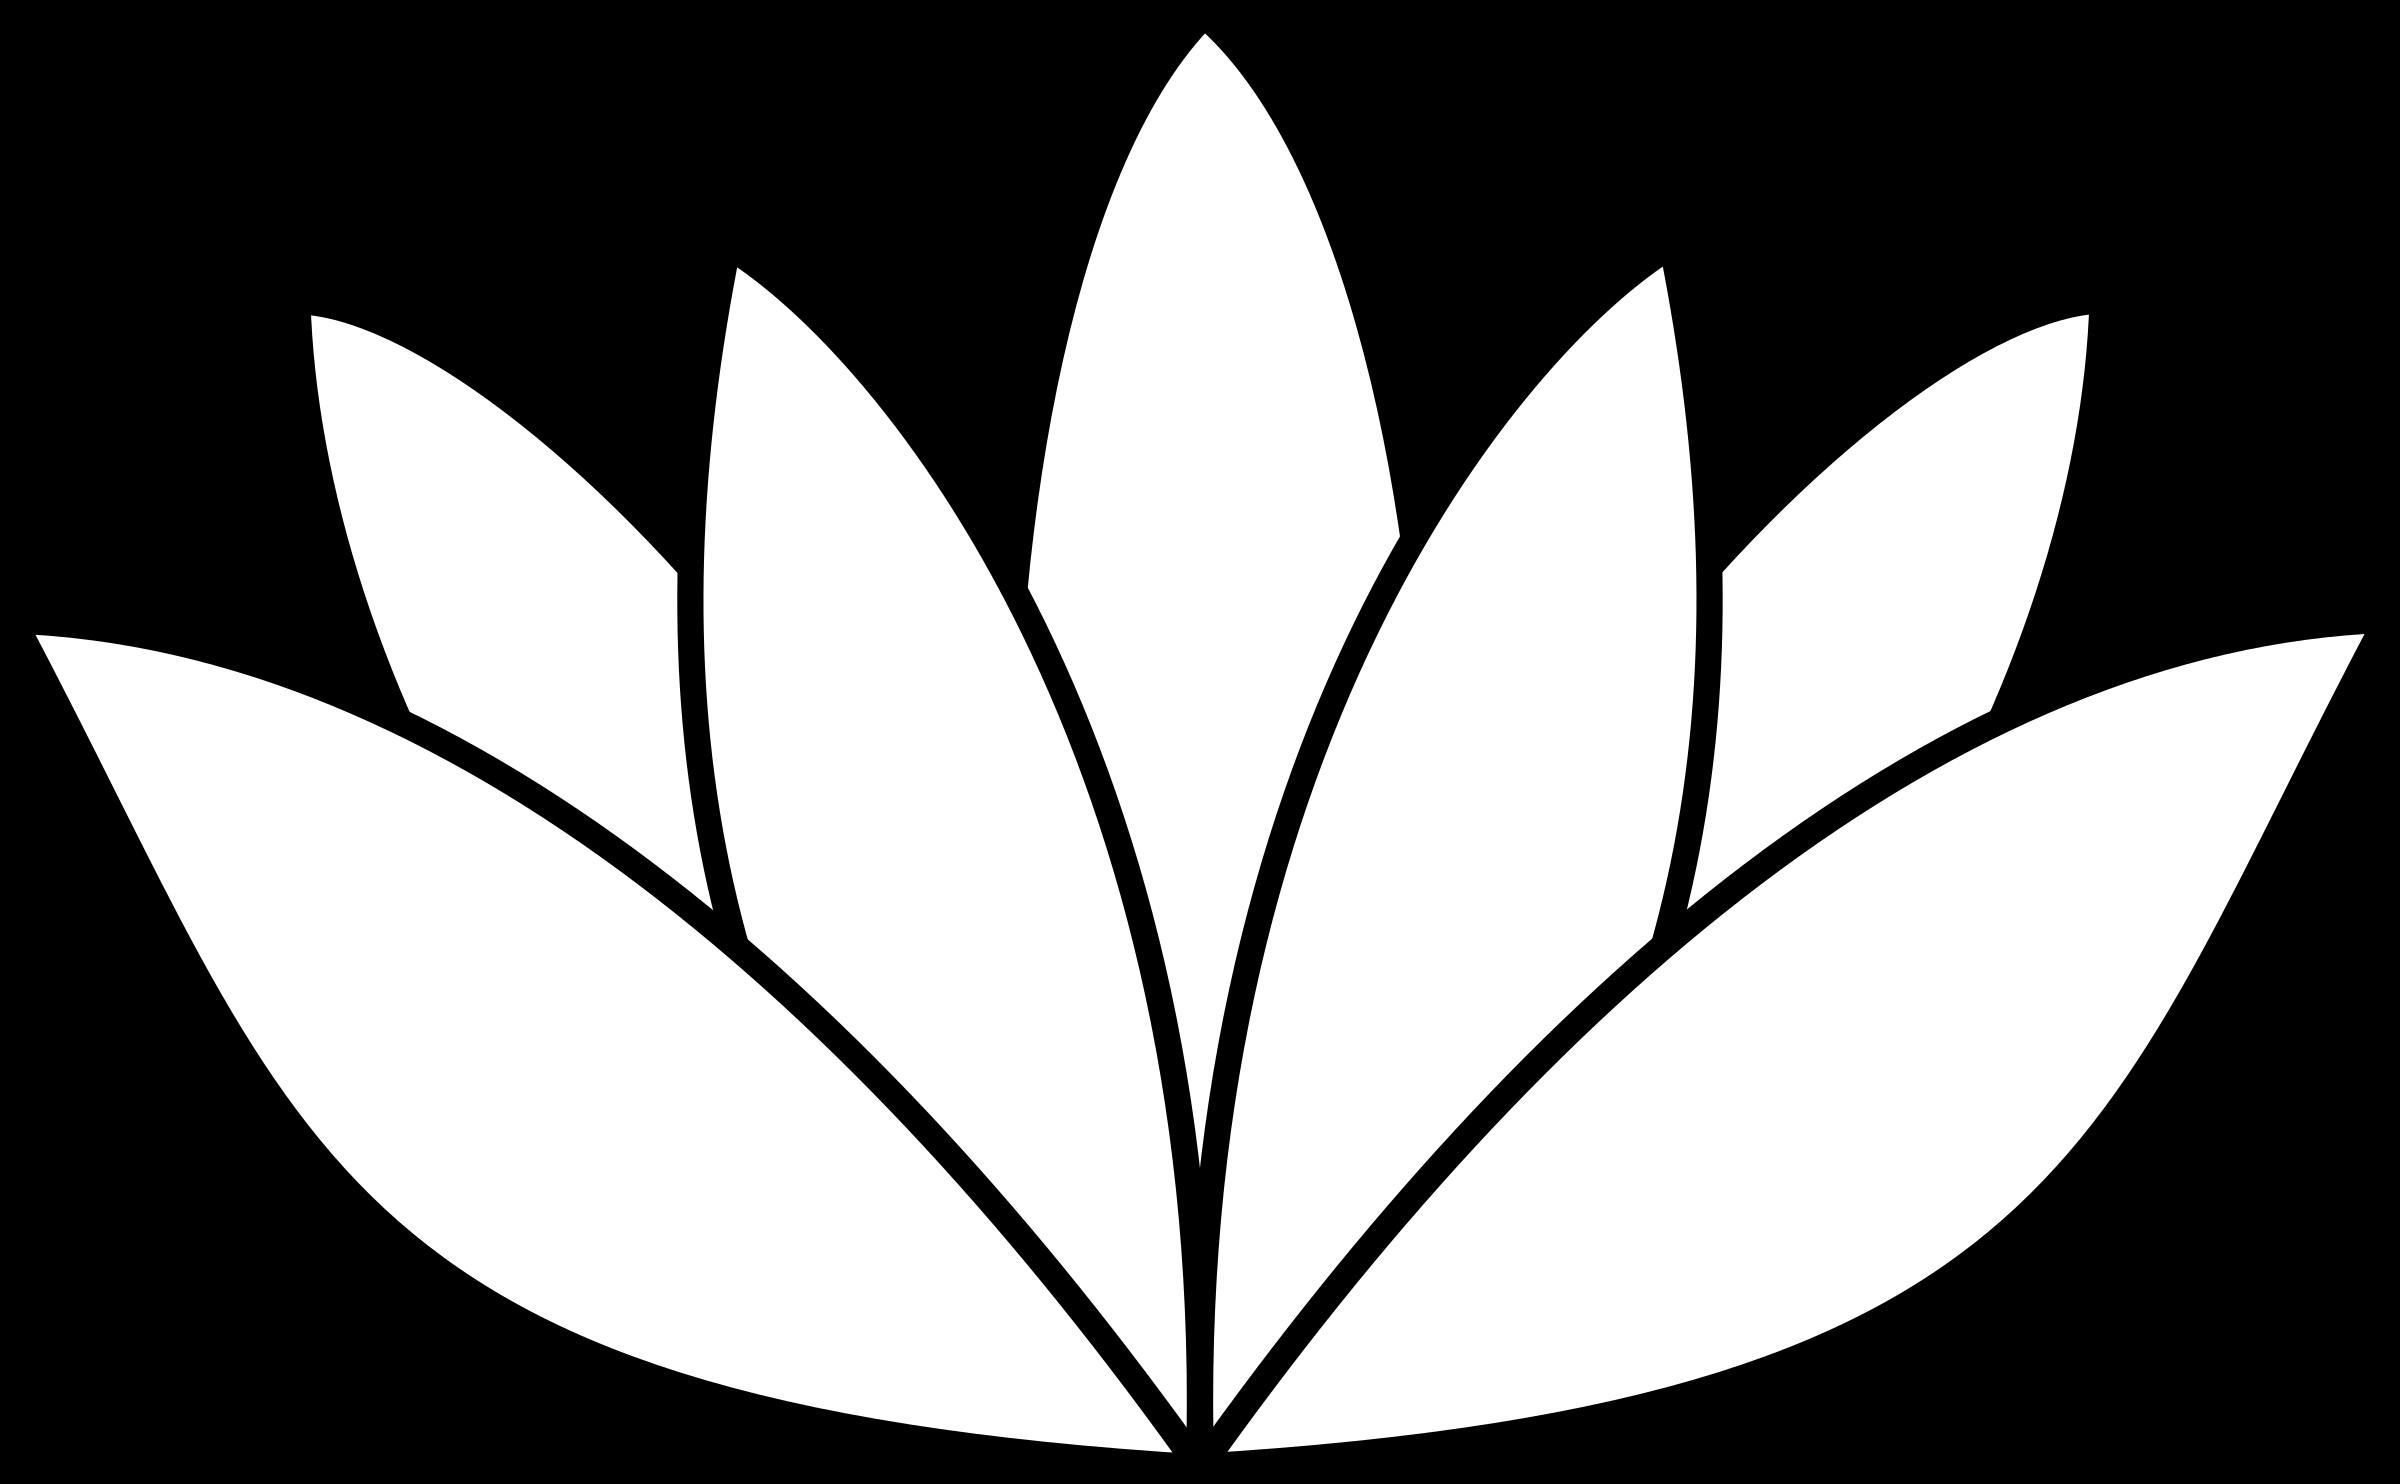 Lotus flower clipart black white banner library library Clipart - white lotus flower banner library library